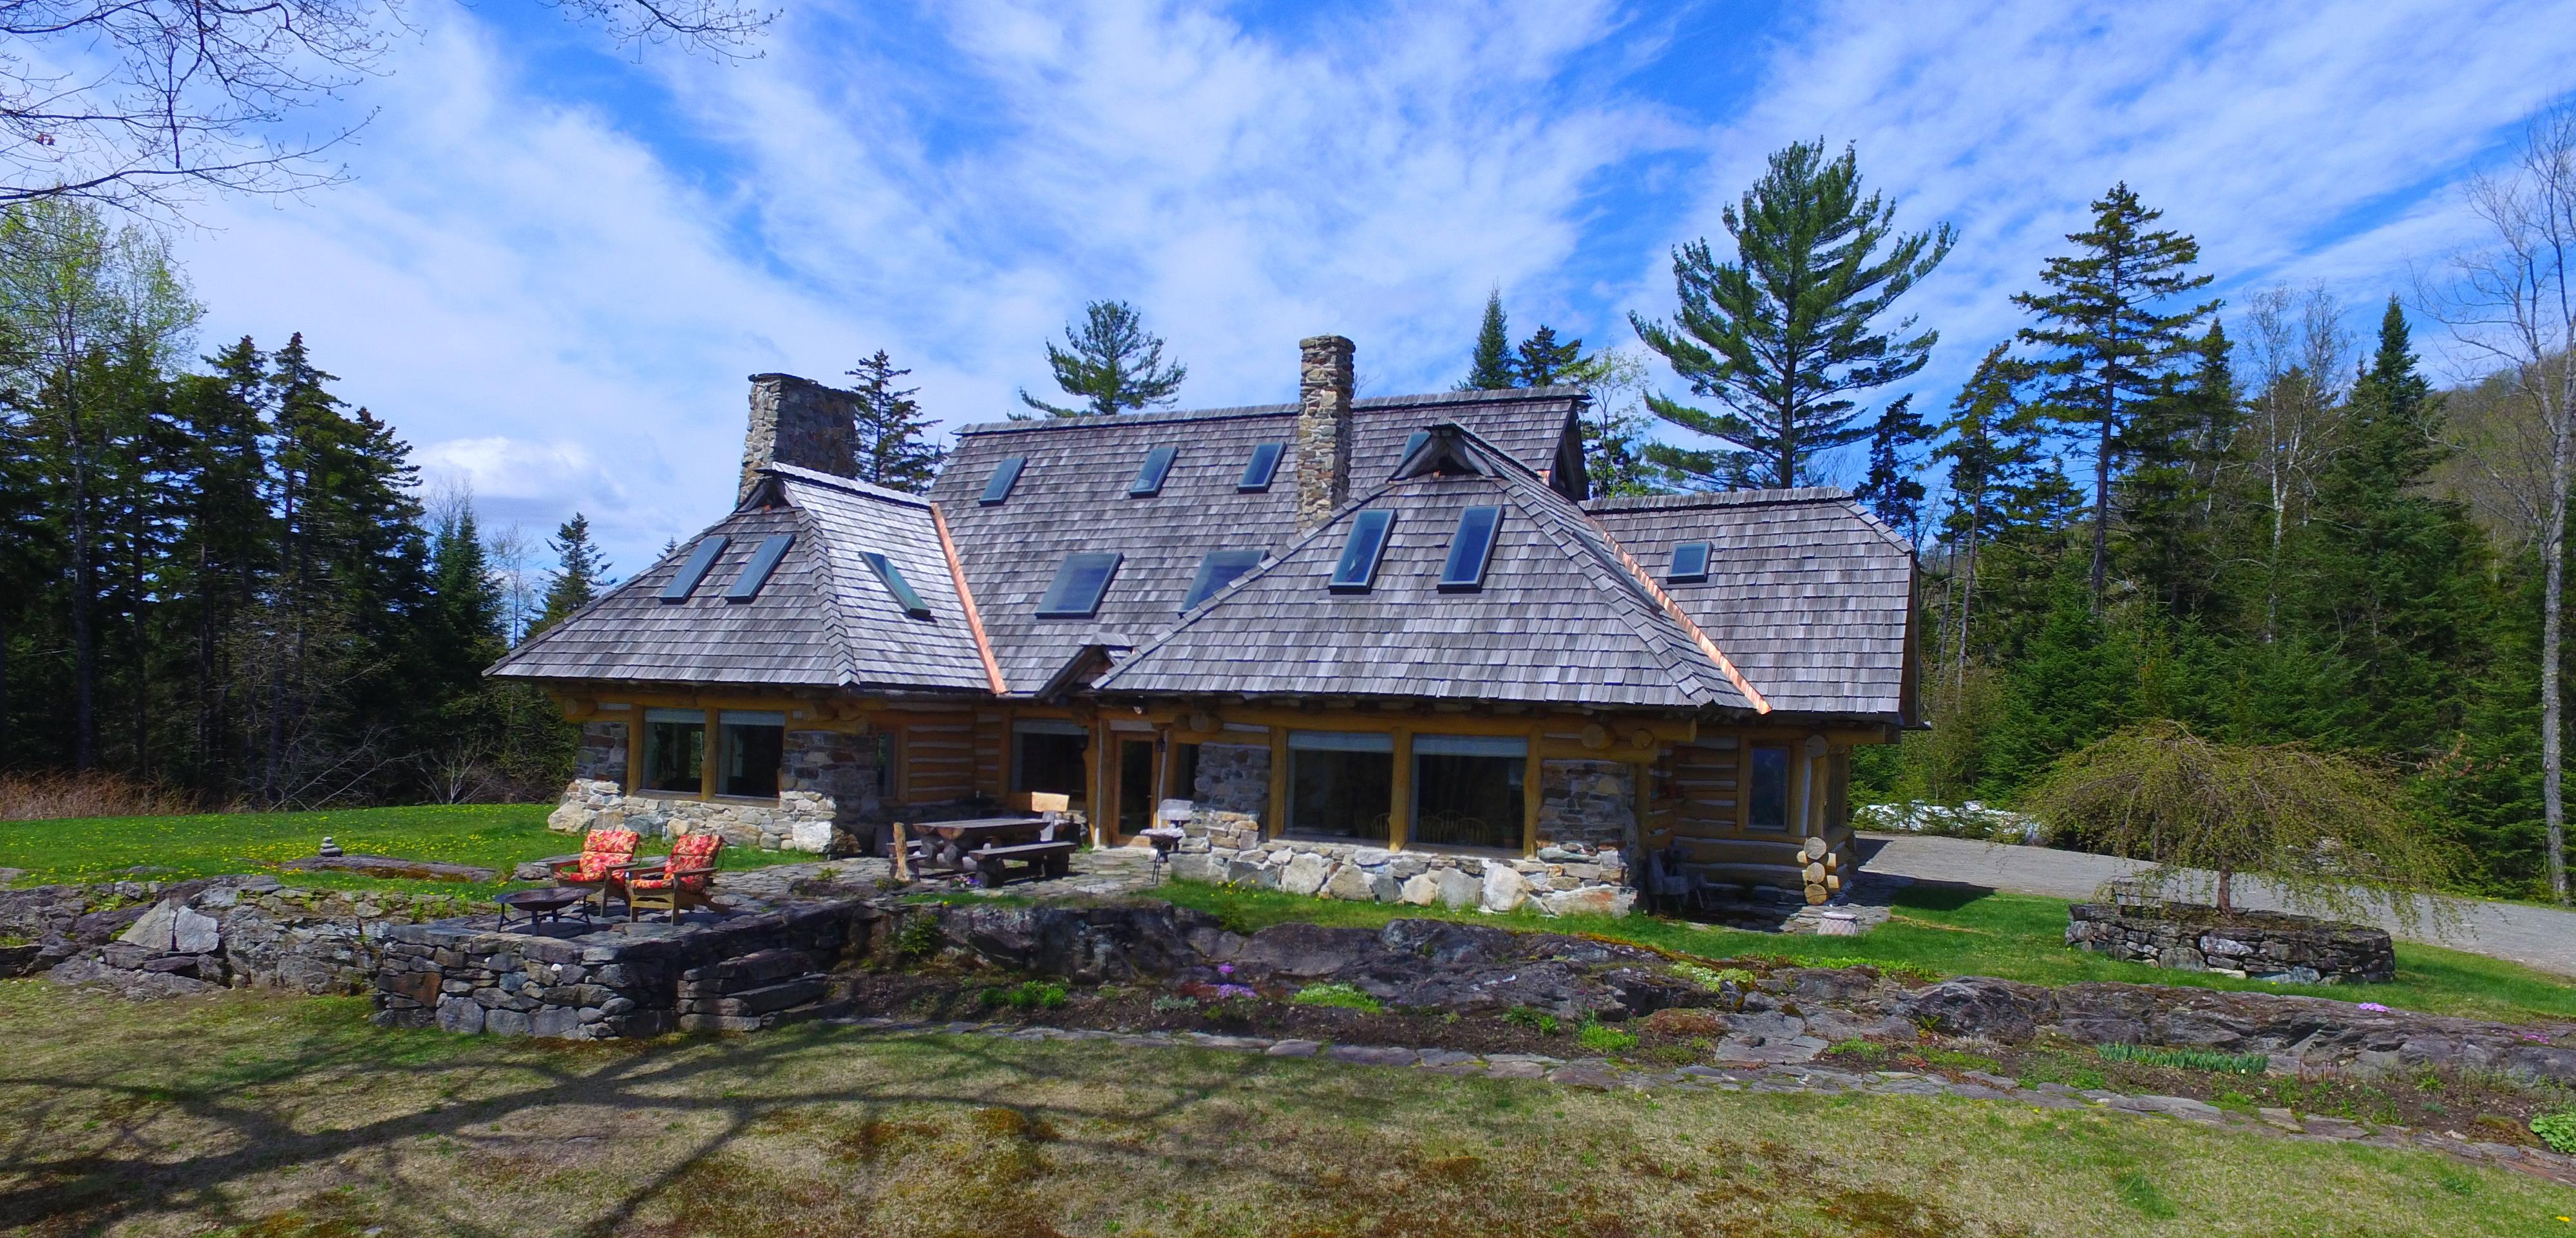 獨棟家庭住宅 為 出售 在 Spectacular Mountain Top Home 1285 Manns Hill Rd Littleton, 新罕布什爾州, 03561 美國